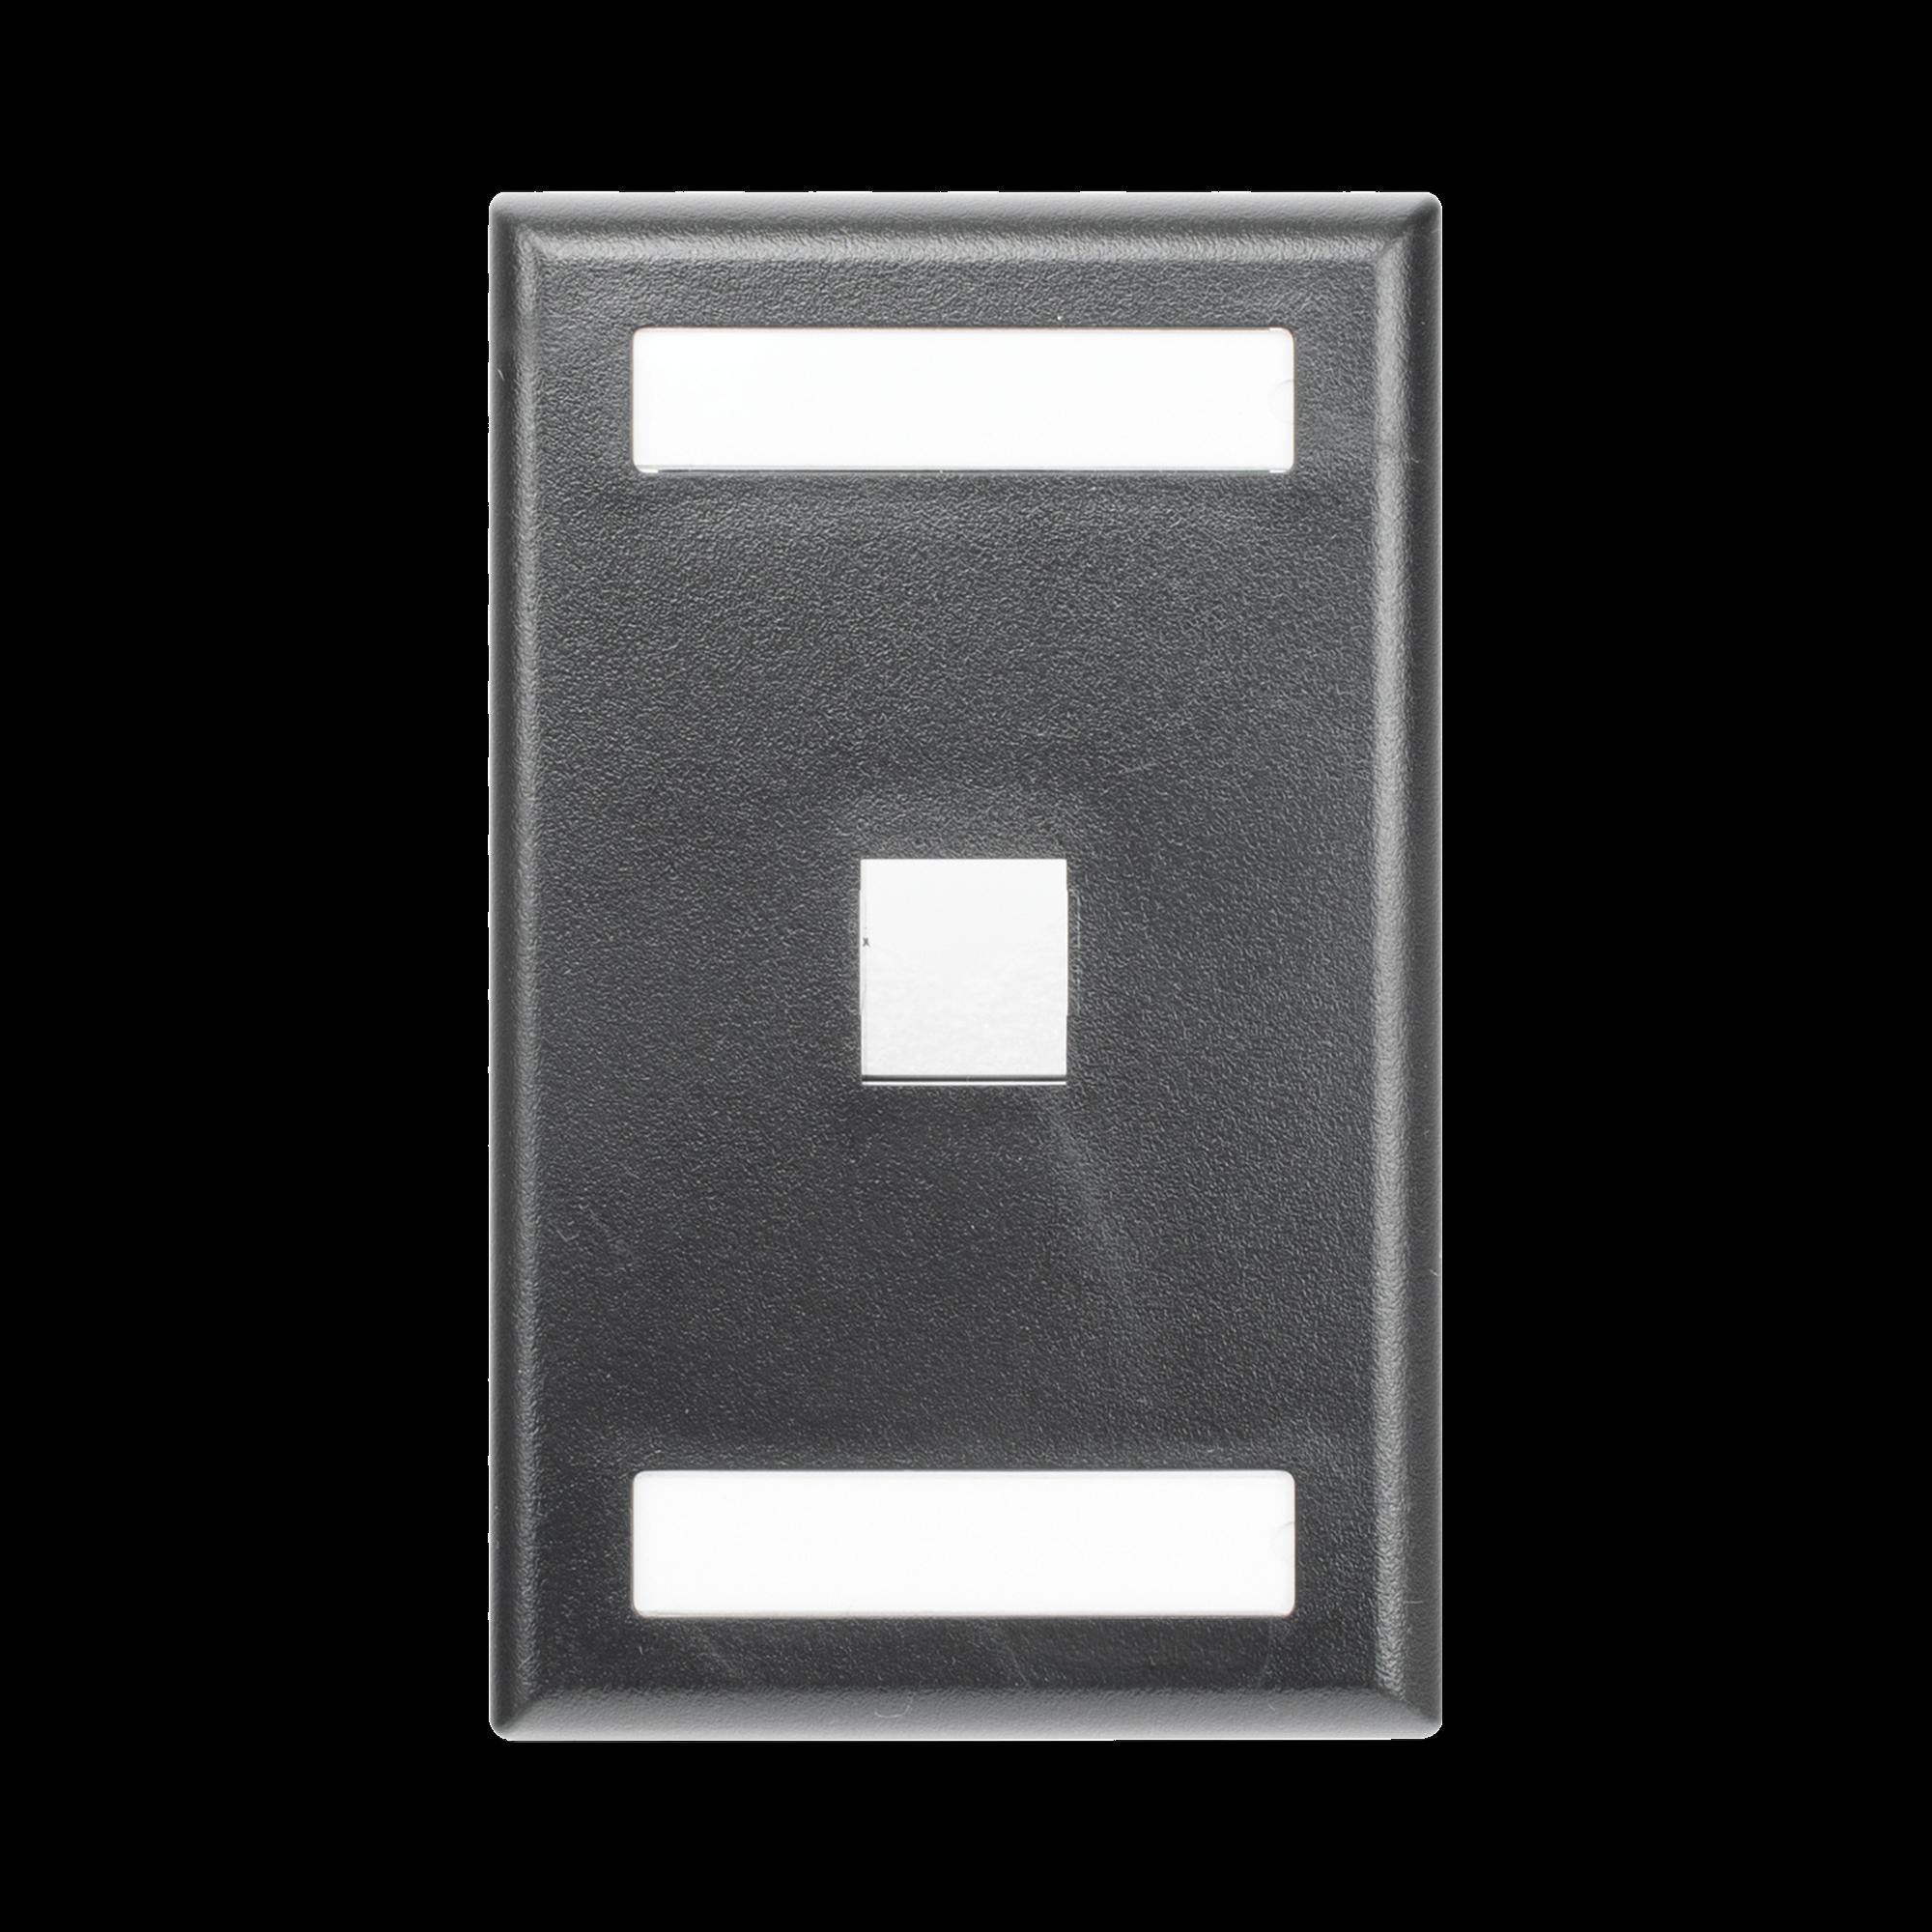 Placa de Pared Vertical, Salida Para 1 Puerto Keystone, Con Espacios Para Etiquetas, Color Negro